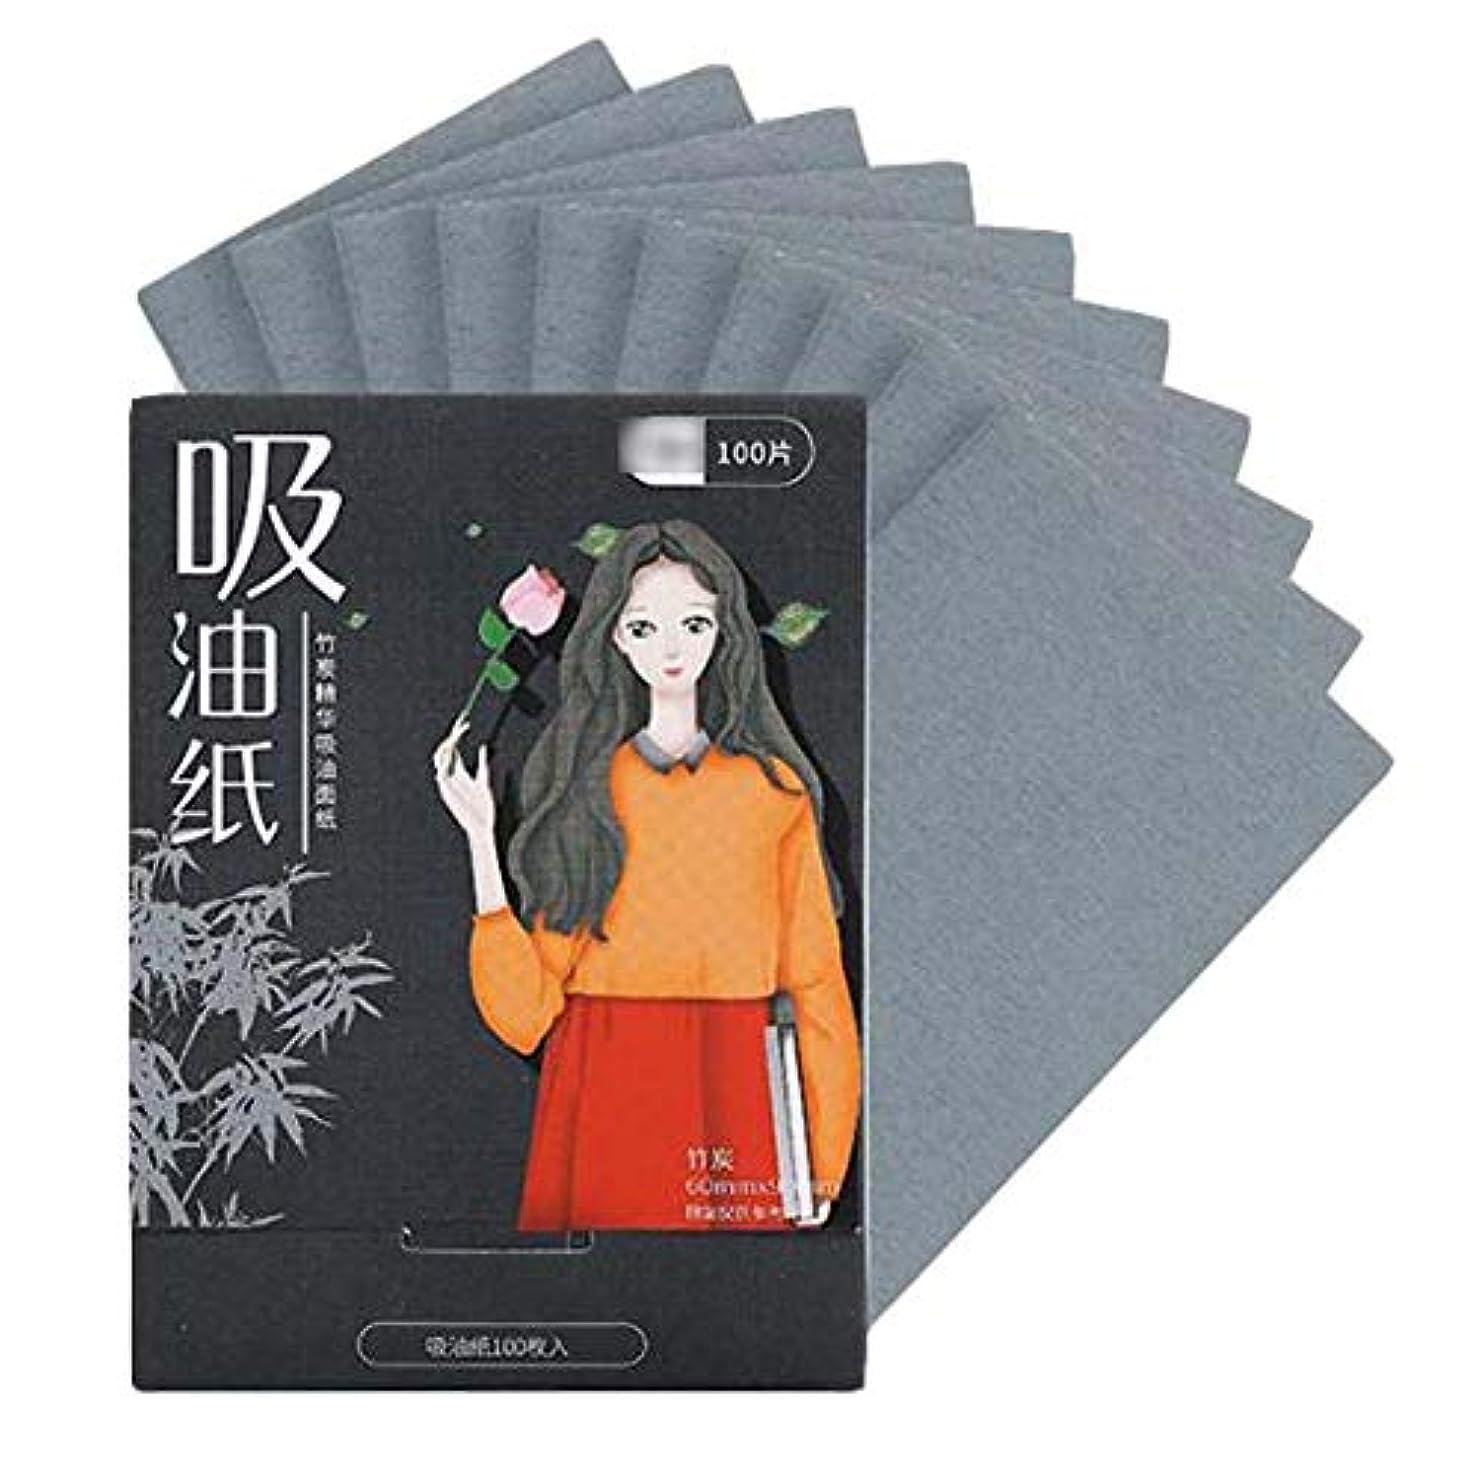 過敏なさわやか雪の顔のための女性竹炭あぶらとり紙、200個